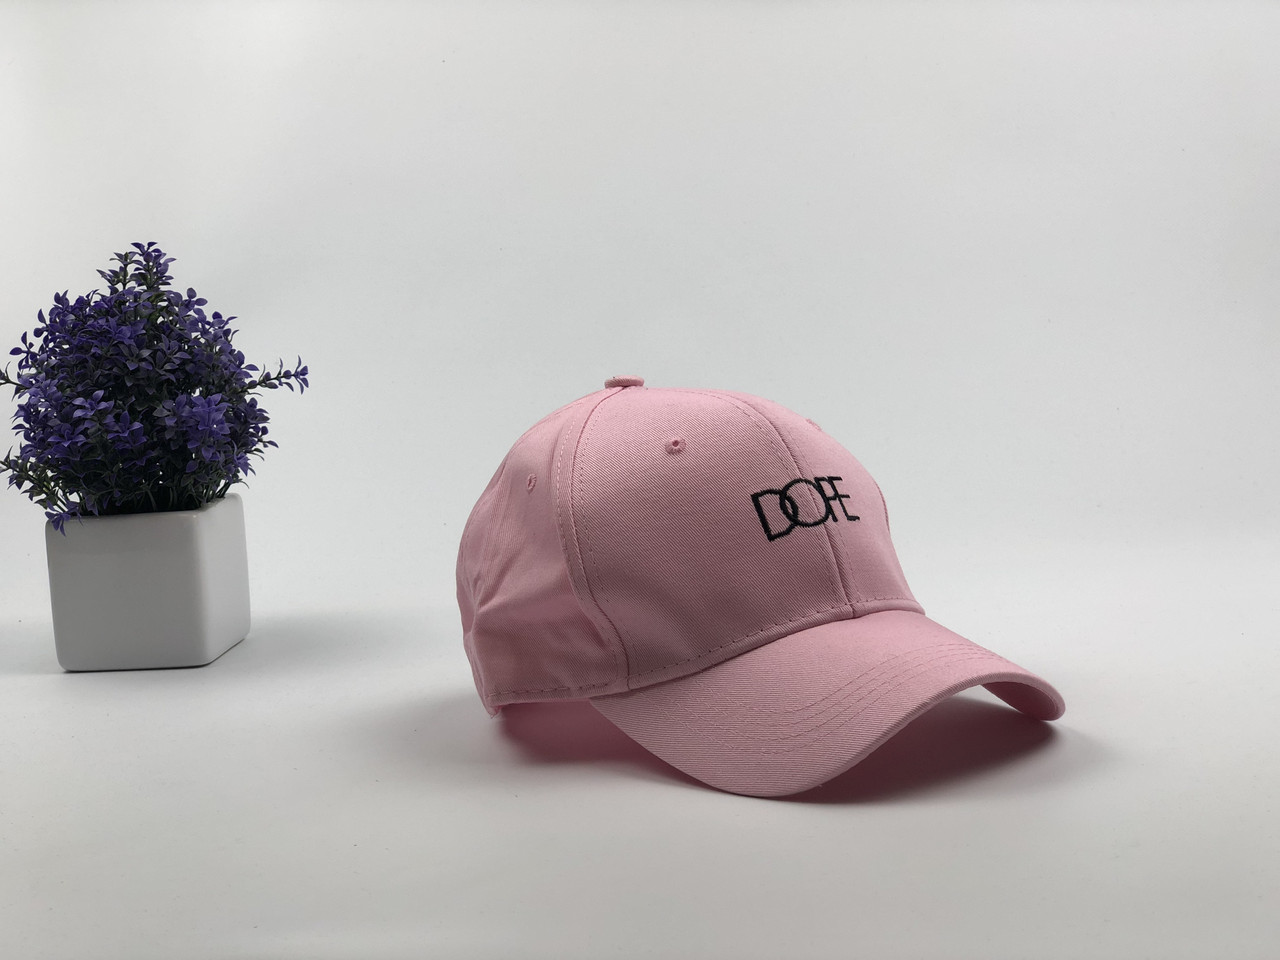 Кепка Бейсболка Мужская Женская City-A с надписью Dope Розовая